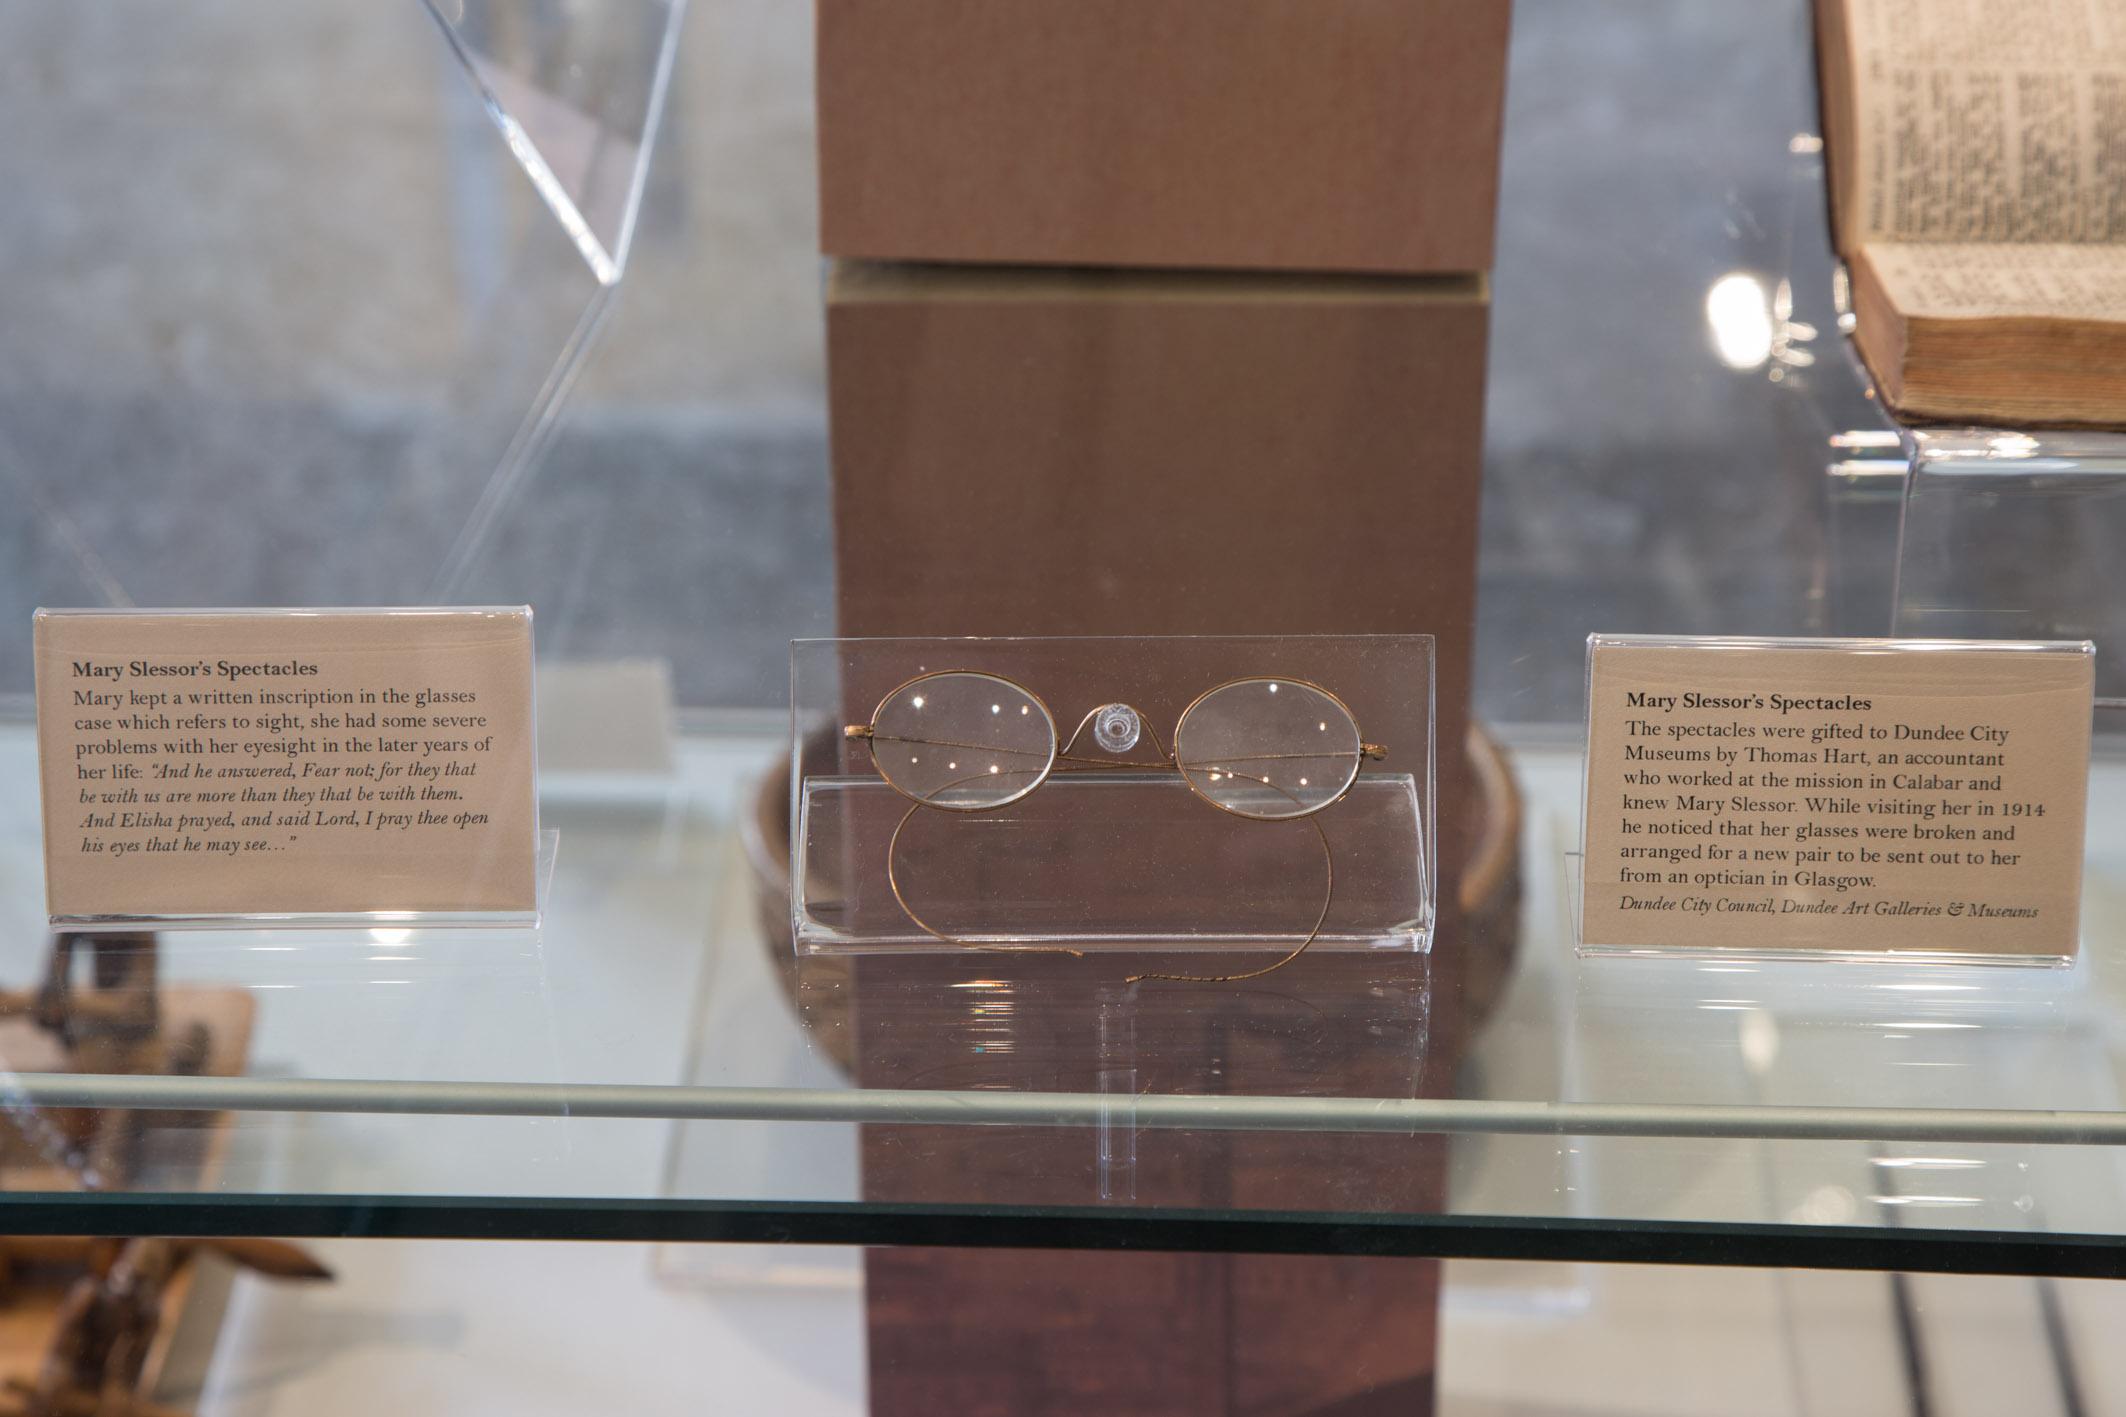 Mary Slessor's Glasses